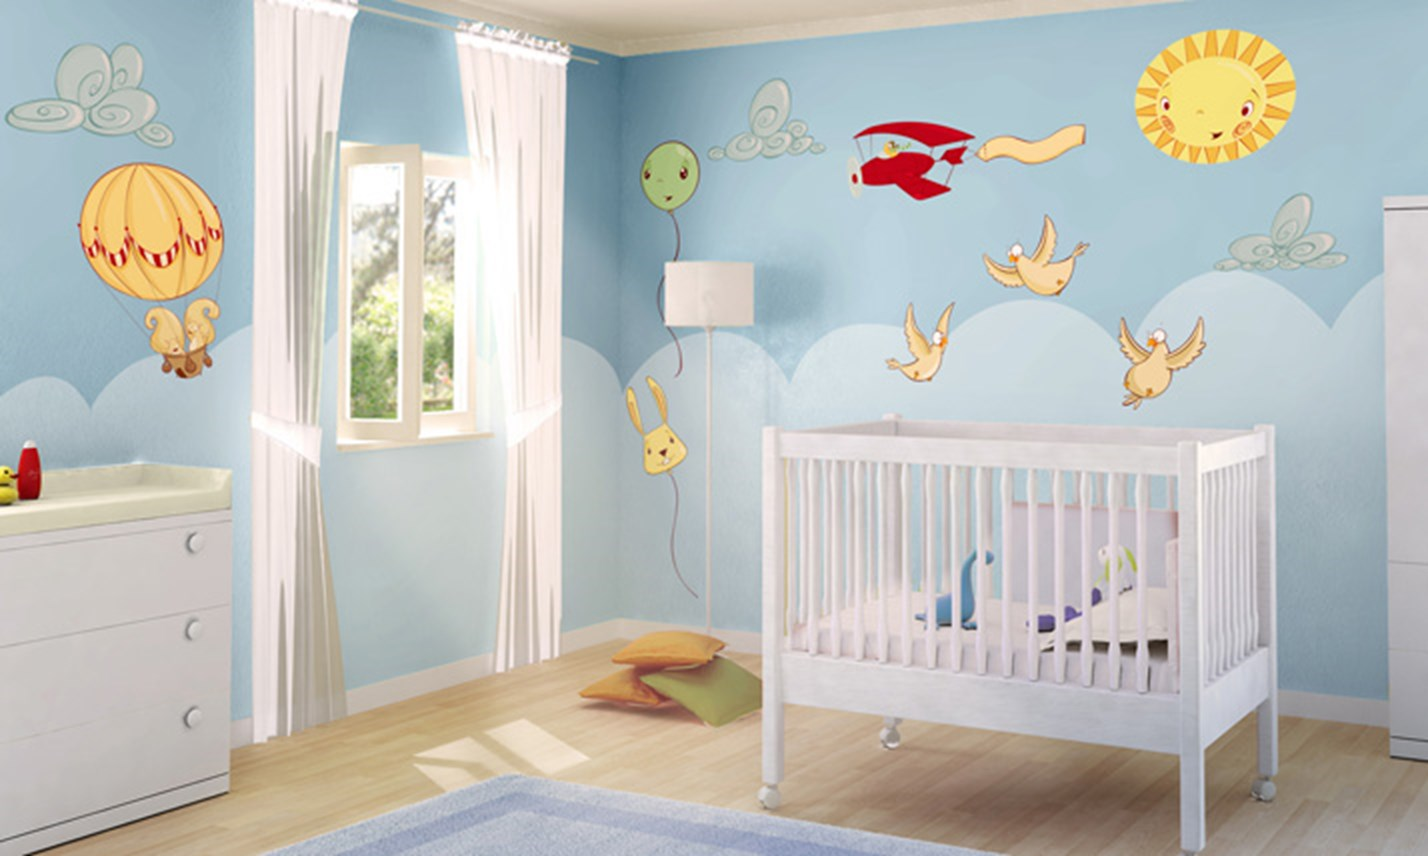 Stickers murali bambini cameretta un tuffo nel cielo leostickers - Adesivi per cameretta bambini ...